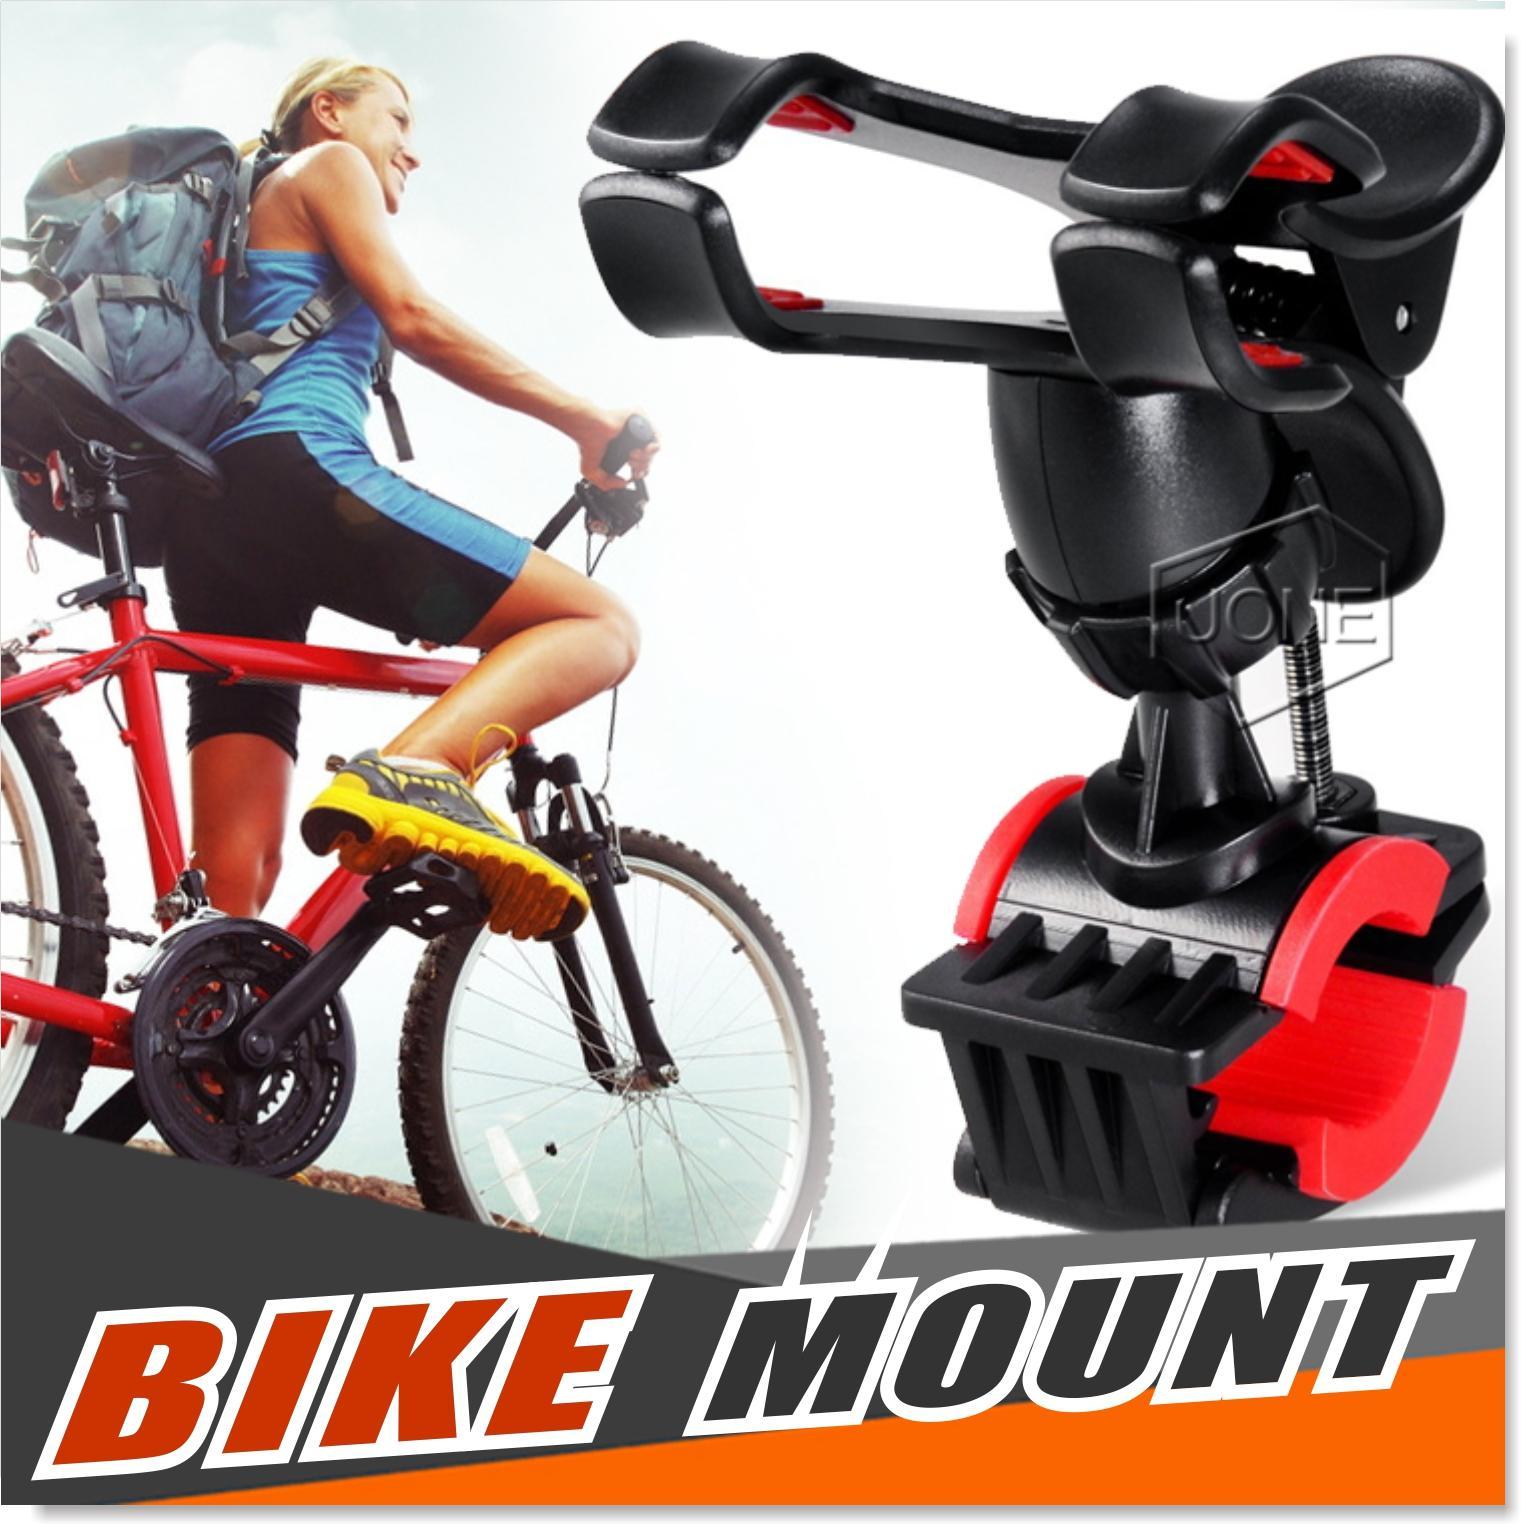 Fahrradhalterung, Motorrad-Fahrrad-Lenkerhalter Ständer für Smart-Handys GPS-MTB-Support iPhones 6 plus / 6/5 s // 5 / 4S / 4, GPS-Geräte